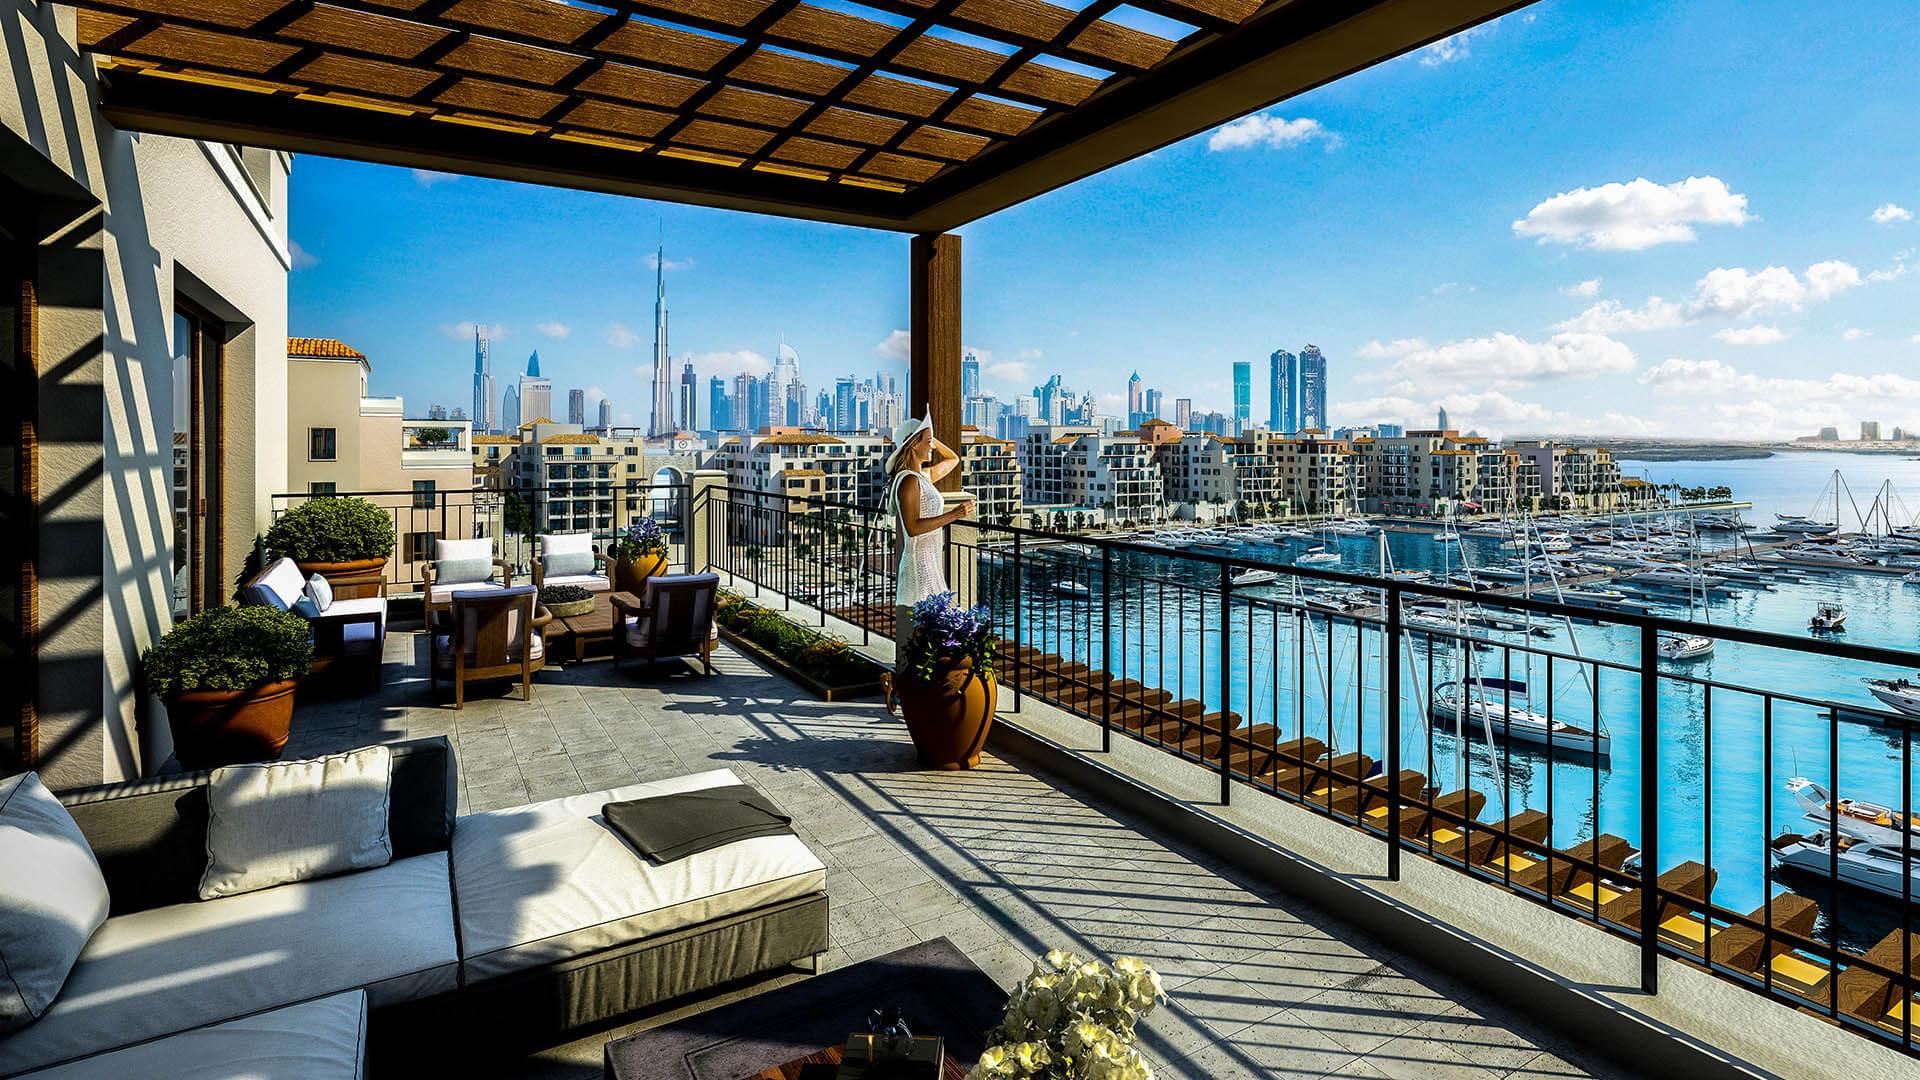 LA RIVE, Port de la mer, Dubai, EAU – foto 4